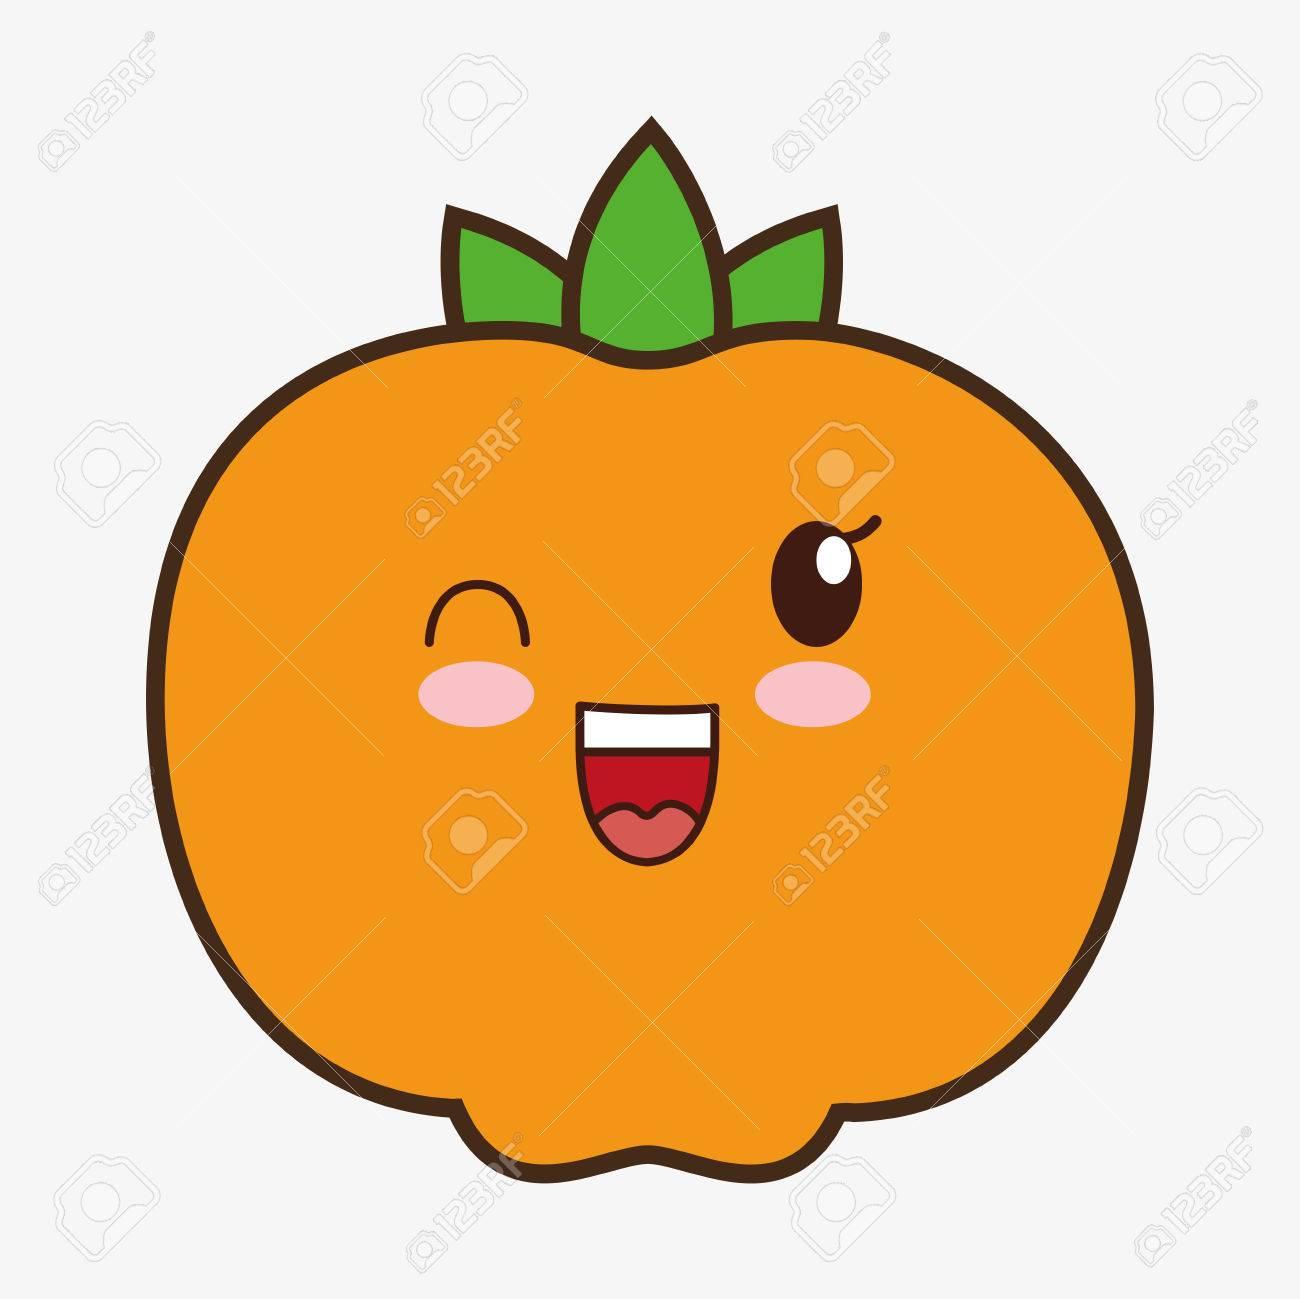 みかんかわいい漫画の笑顔健康食品アイコン カラフルでフラット デザイン ベクトル図のイラスト素材 ベクタ Image